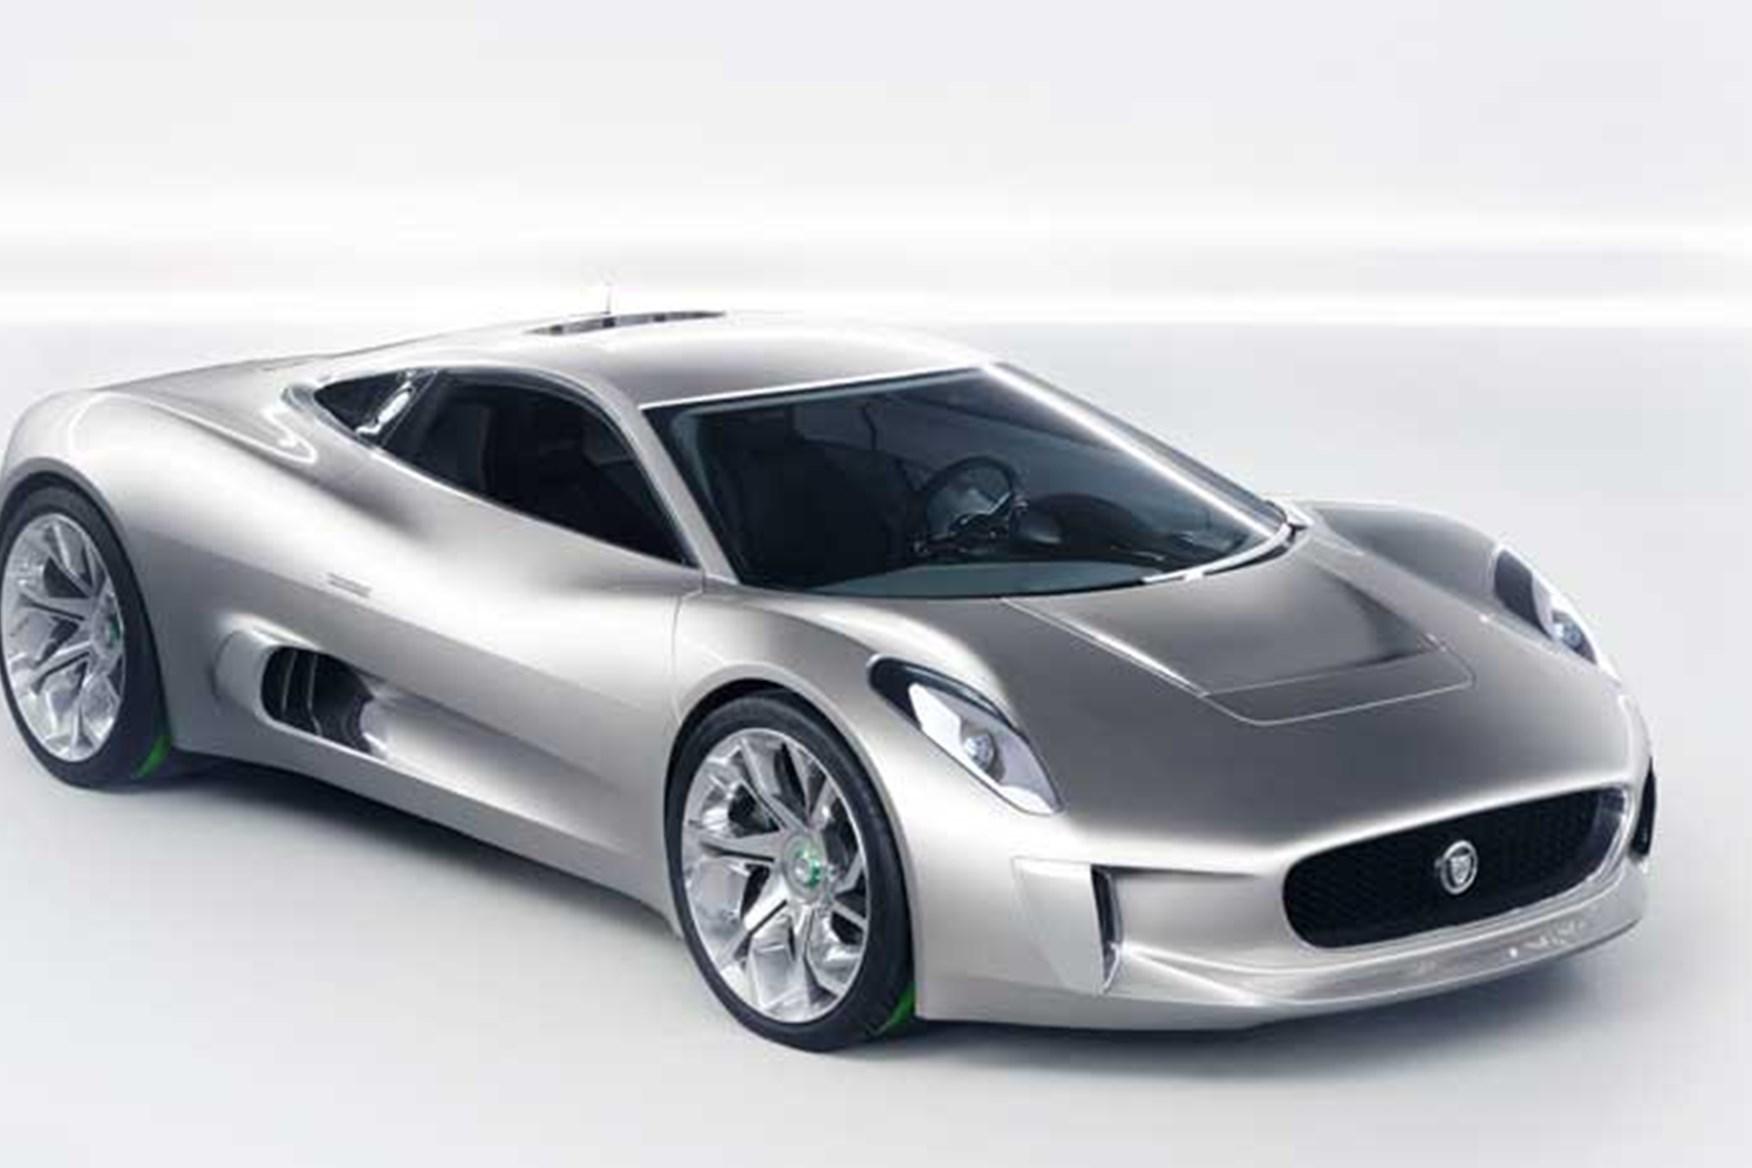 ... Paris Jaguar C X75 Concept Car: A Diesel Electric Supercar From Jag ...